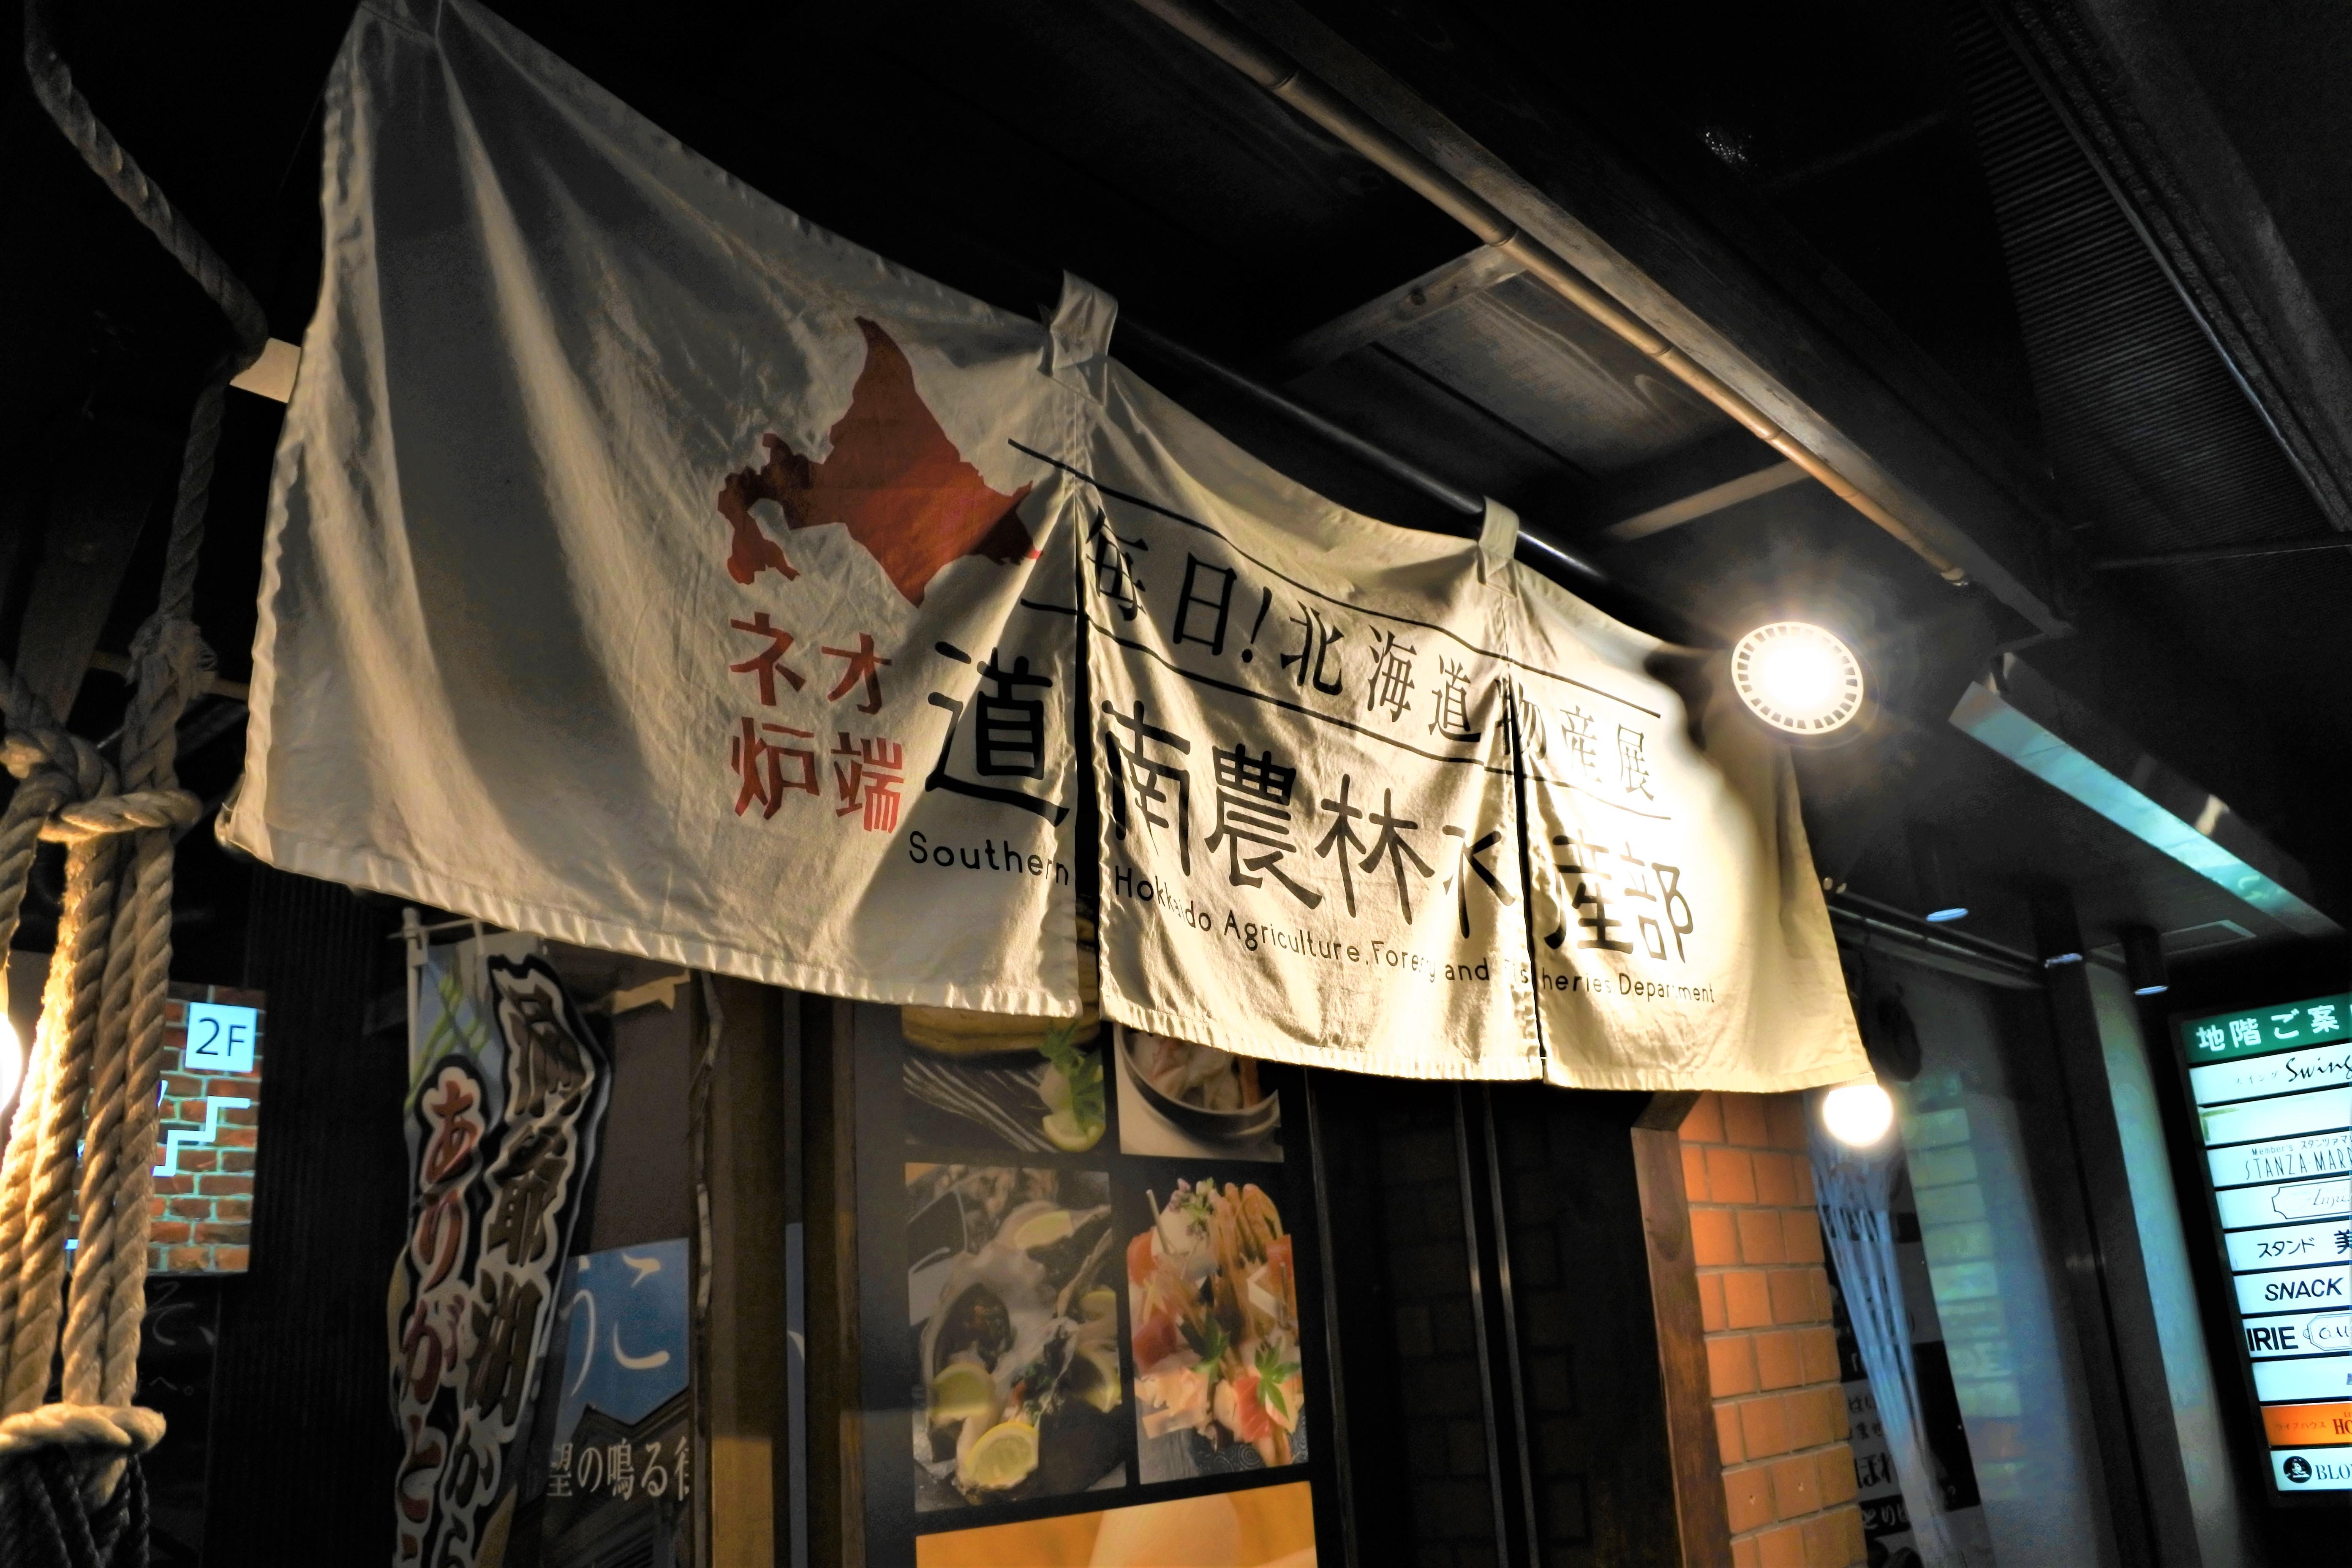 いくらこぼれ飯で大盛況!名古屋にいながら北海道を堪能できる「道南農林水産部」 - DSC 0065 2